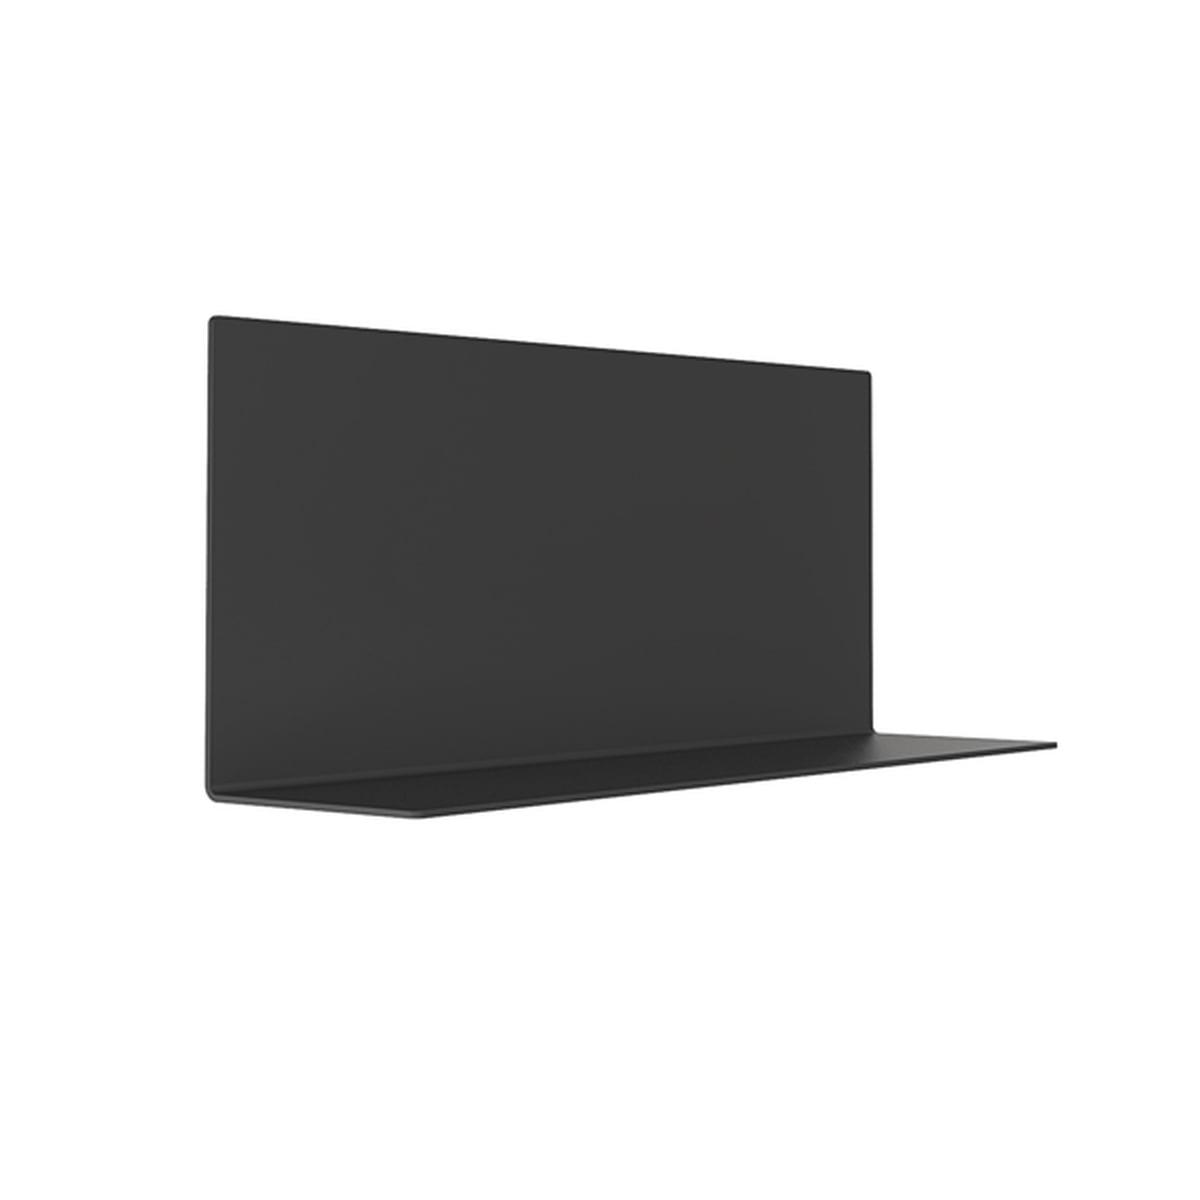 FROST - Unu Regalsystem, 250 x 600 x 150, schwarz | Wohnzimmer > Regale > Regalsysteme | Frost